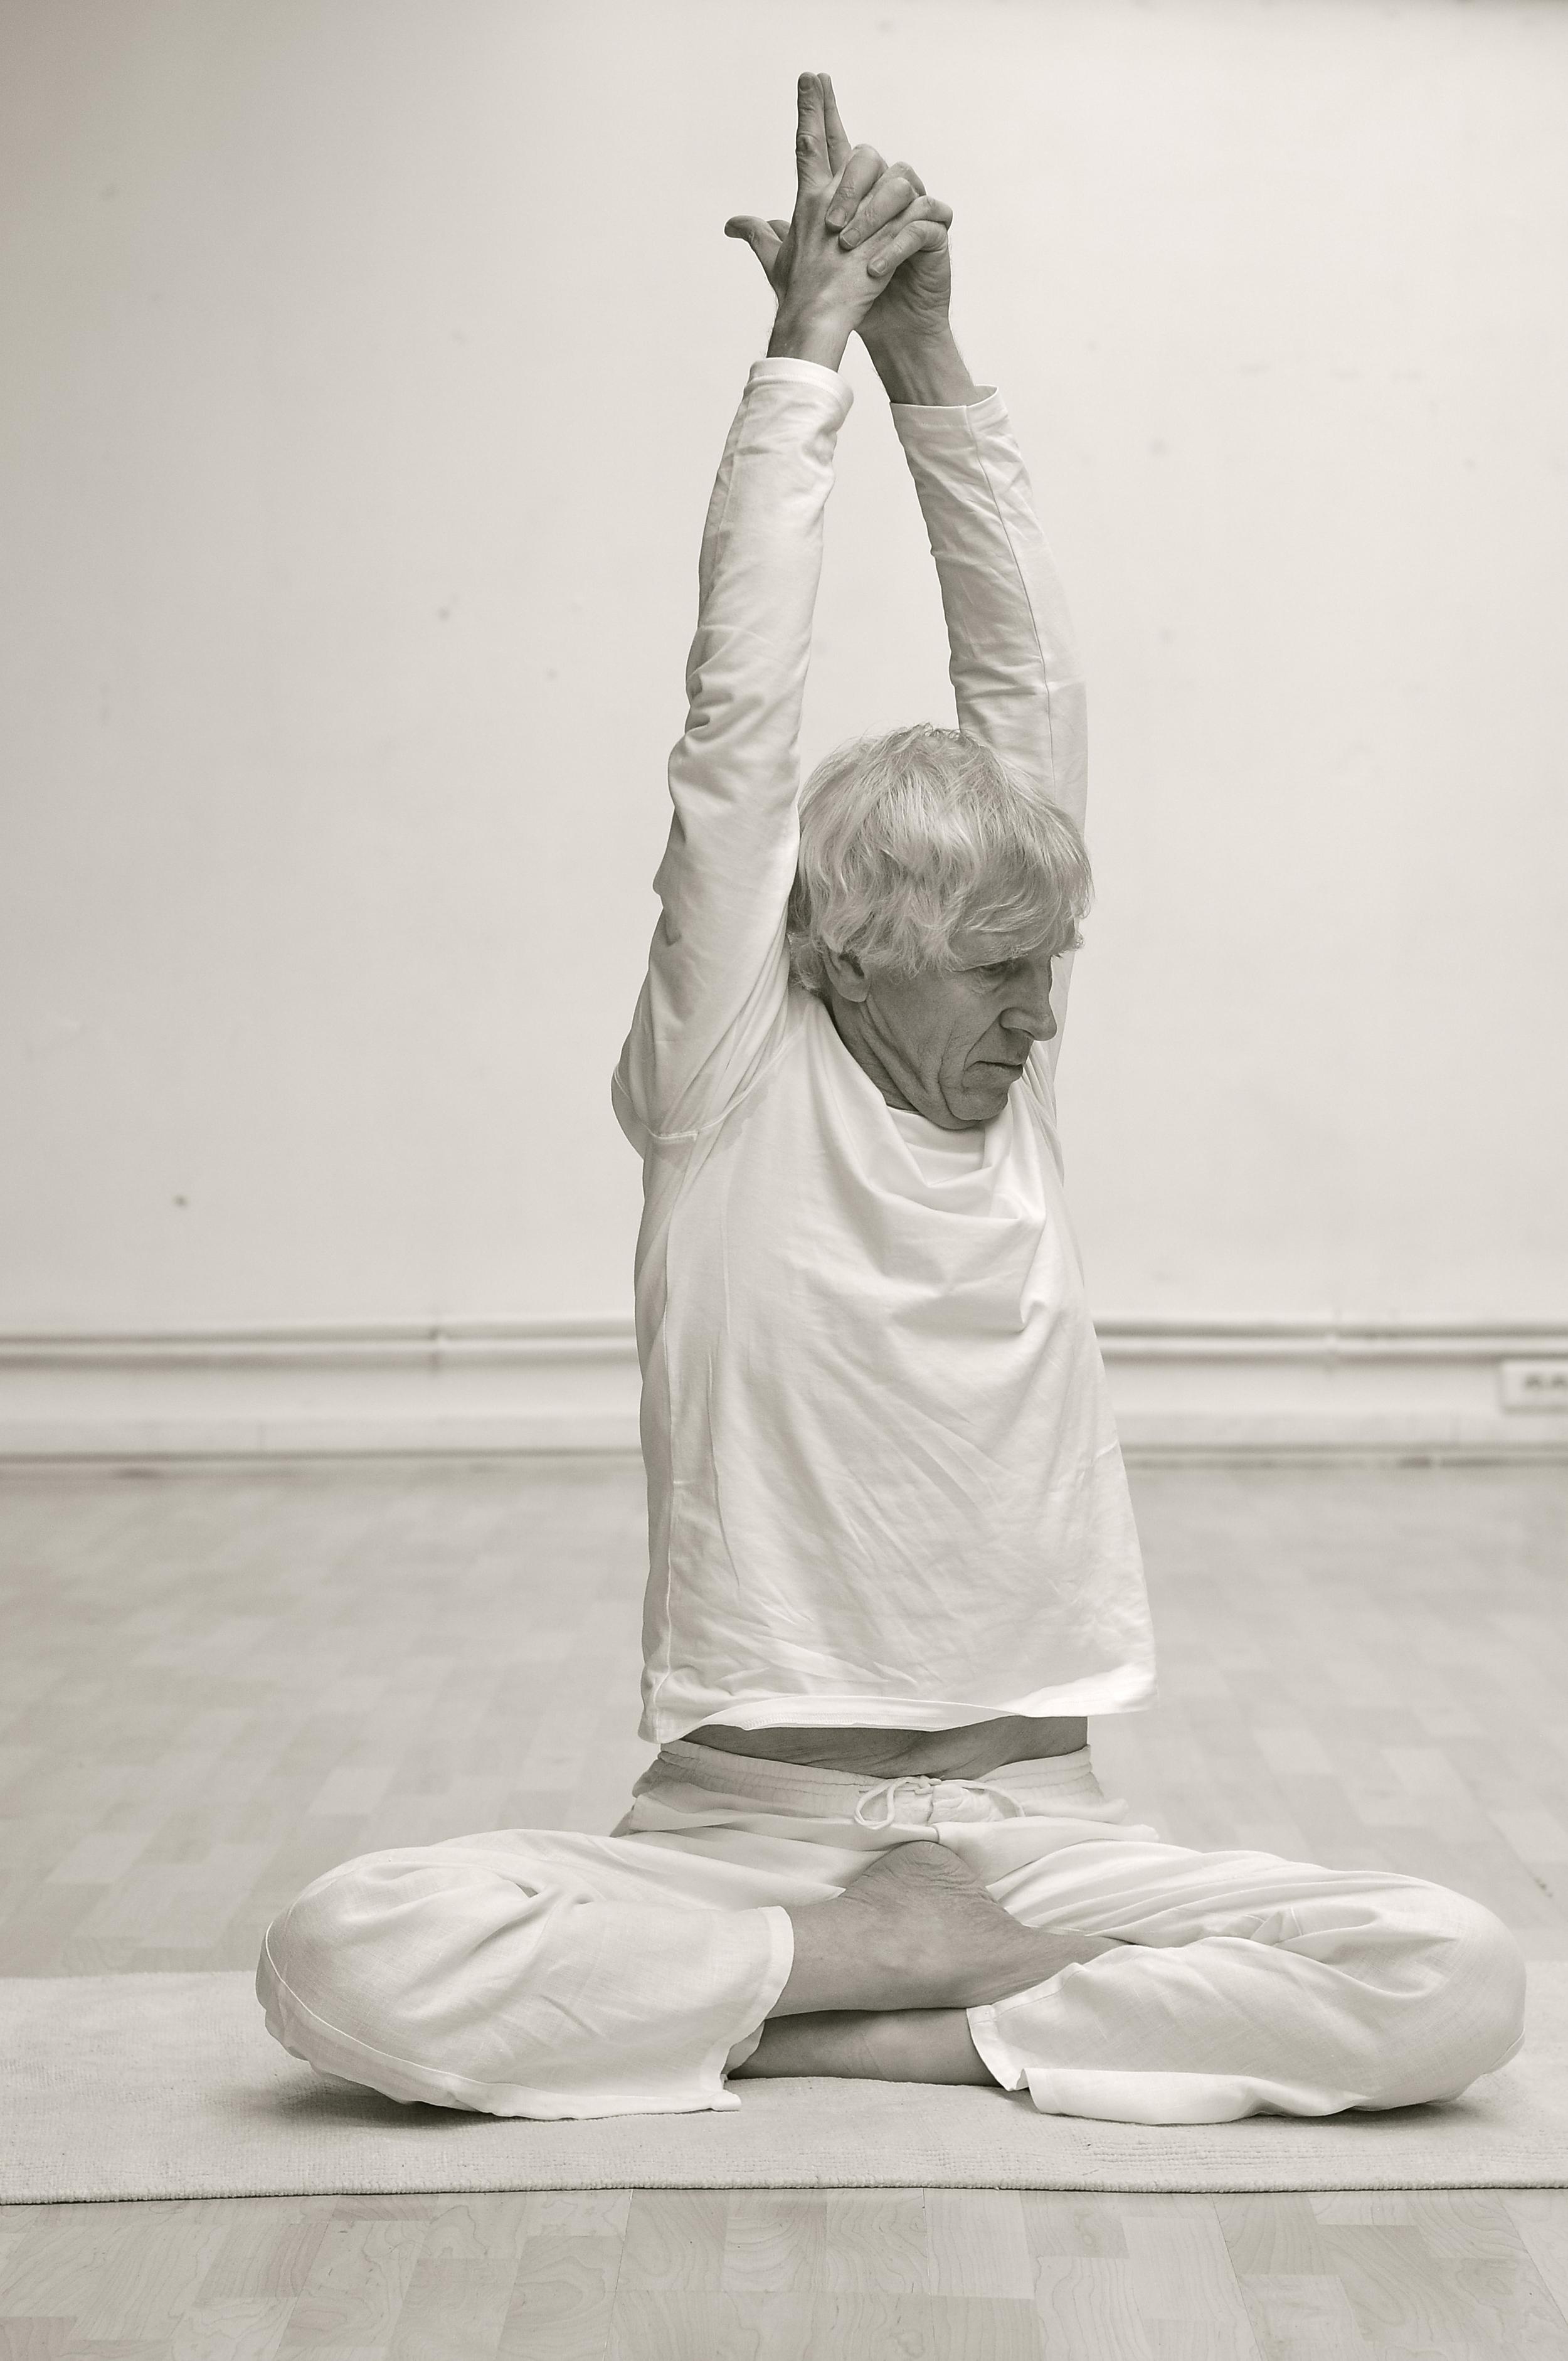 siddhasana-cours-yoga-cachemire.jpg